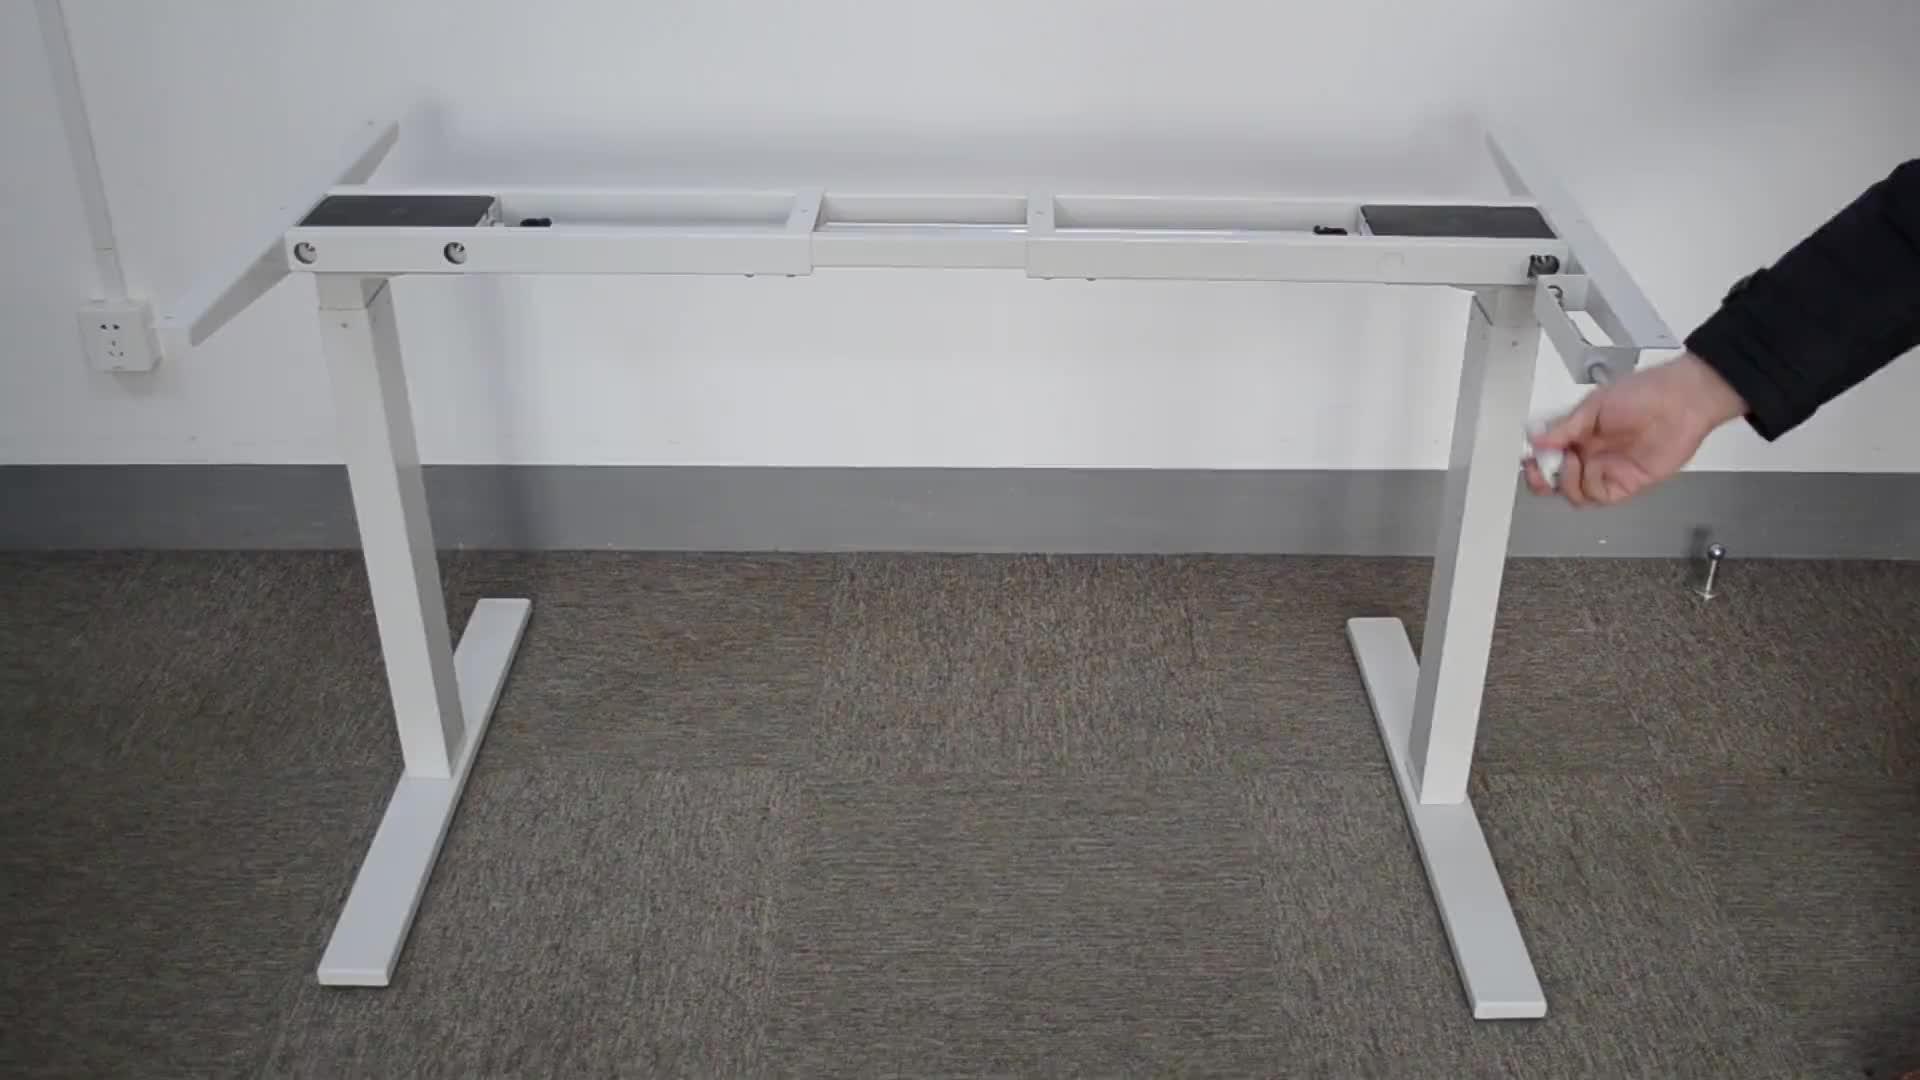 Precio al por mayor Oficina Escritorio de pie manual metal piernas columna de elevación manual